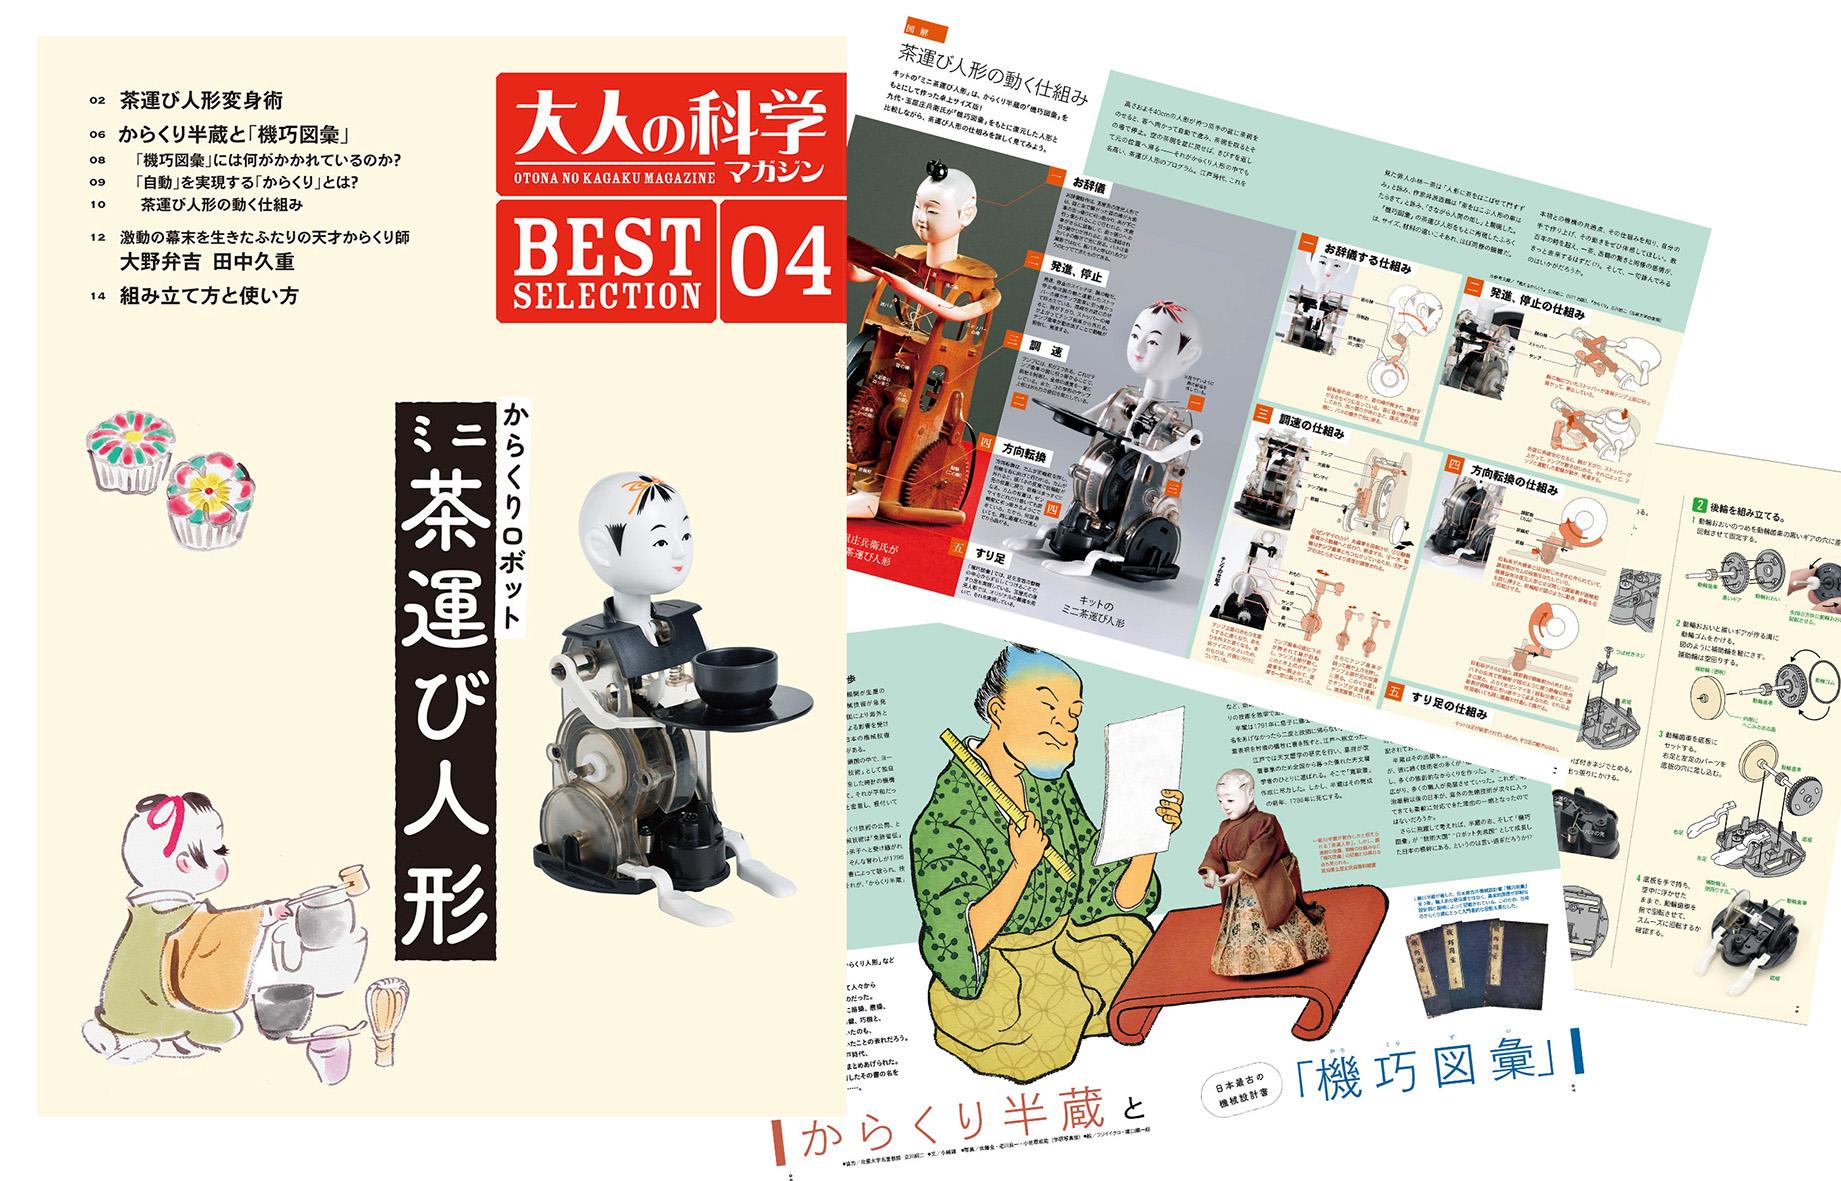 「からくり人形の仕組みから歴史まで読み応えのある冊子」書影と紙面